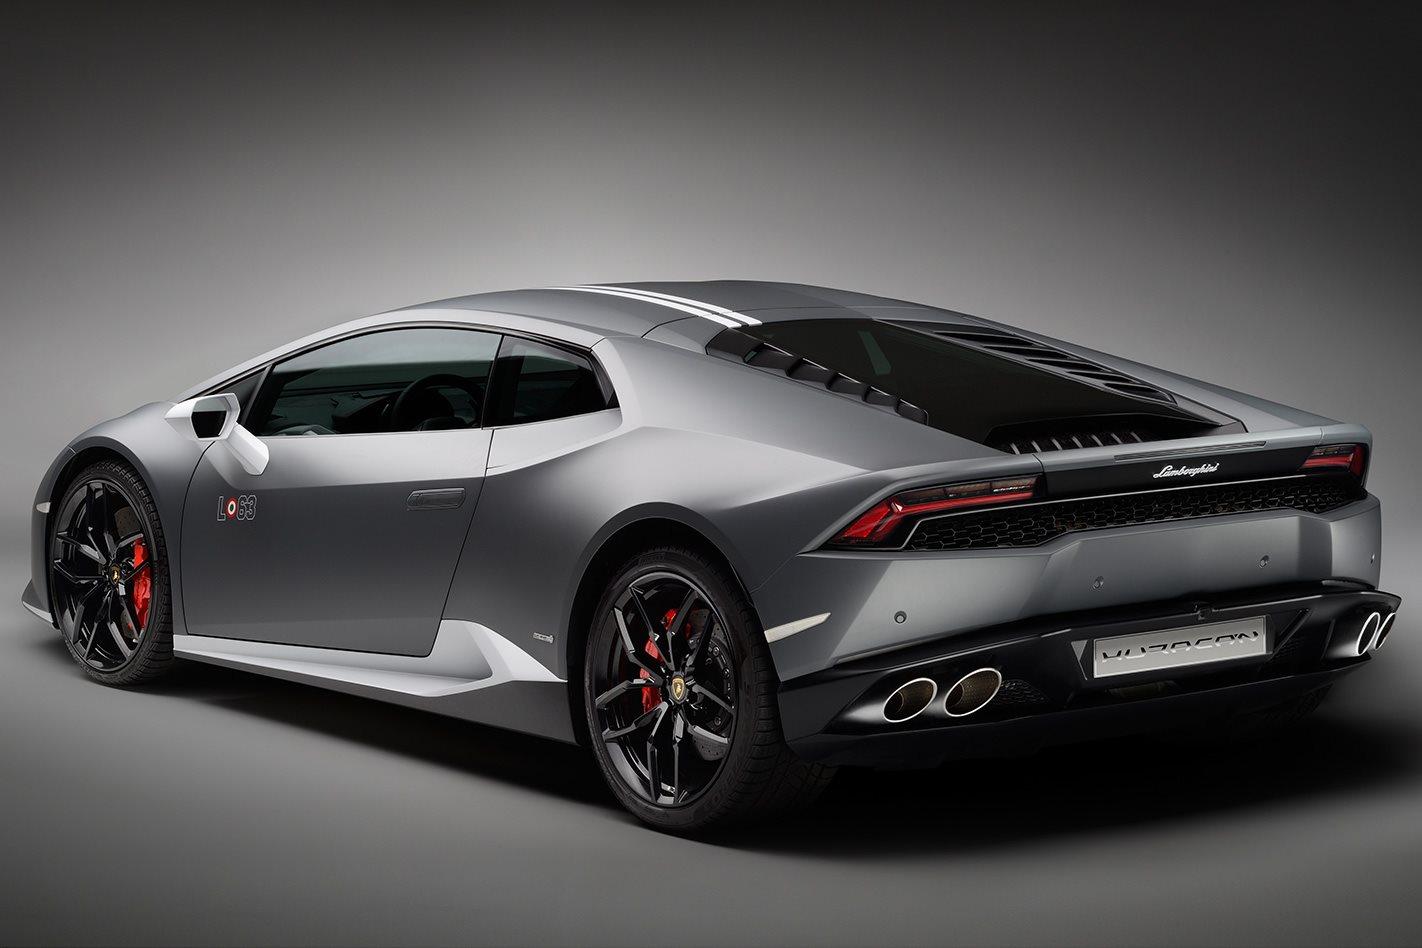 Mustang Gt Car Hd Wallpaper 2017 Lamborghini Huracan Vs 2000 Lambo Diablo